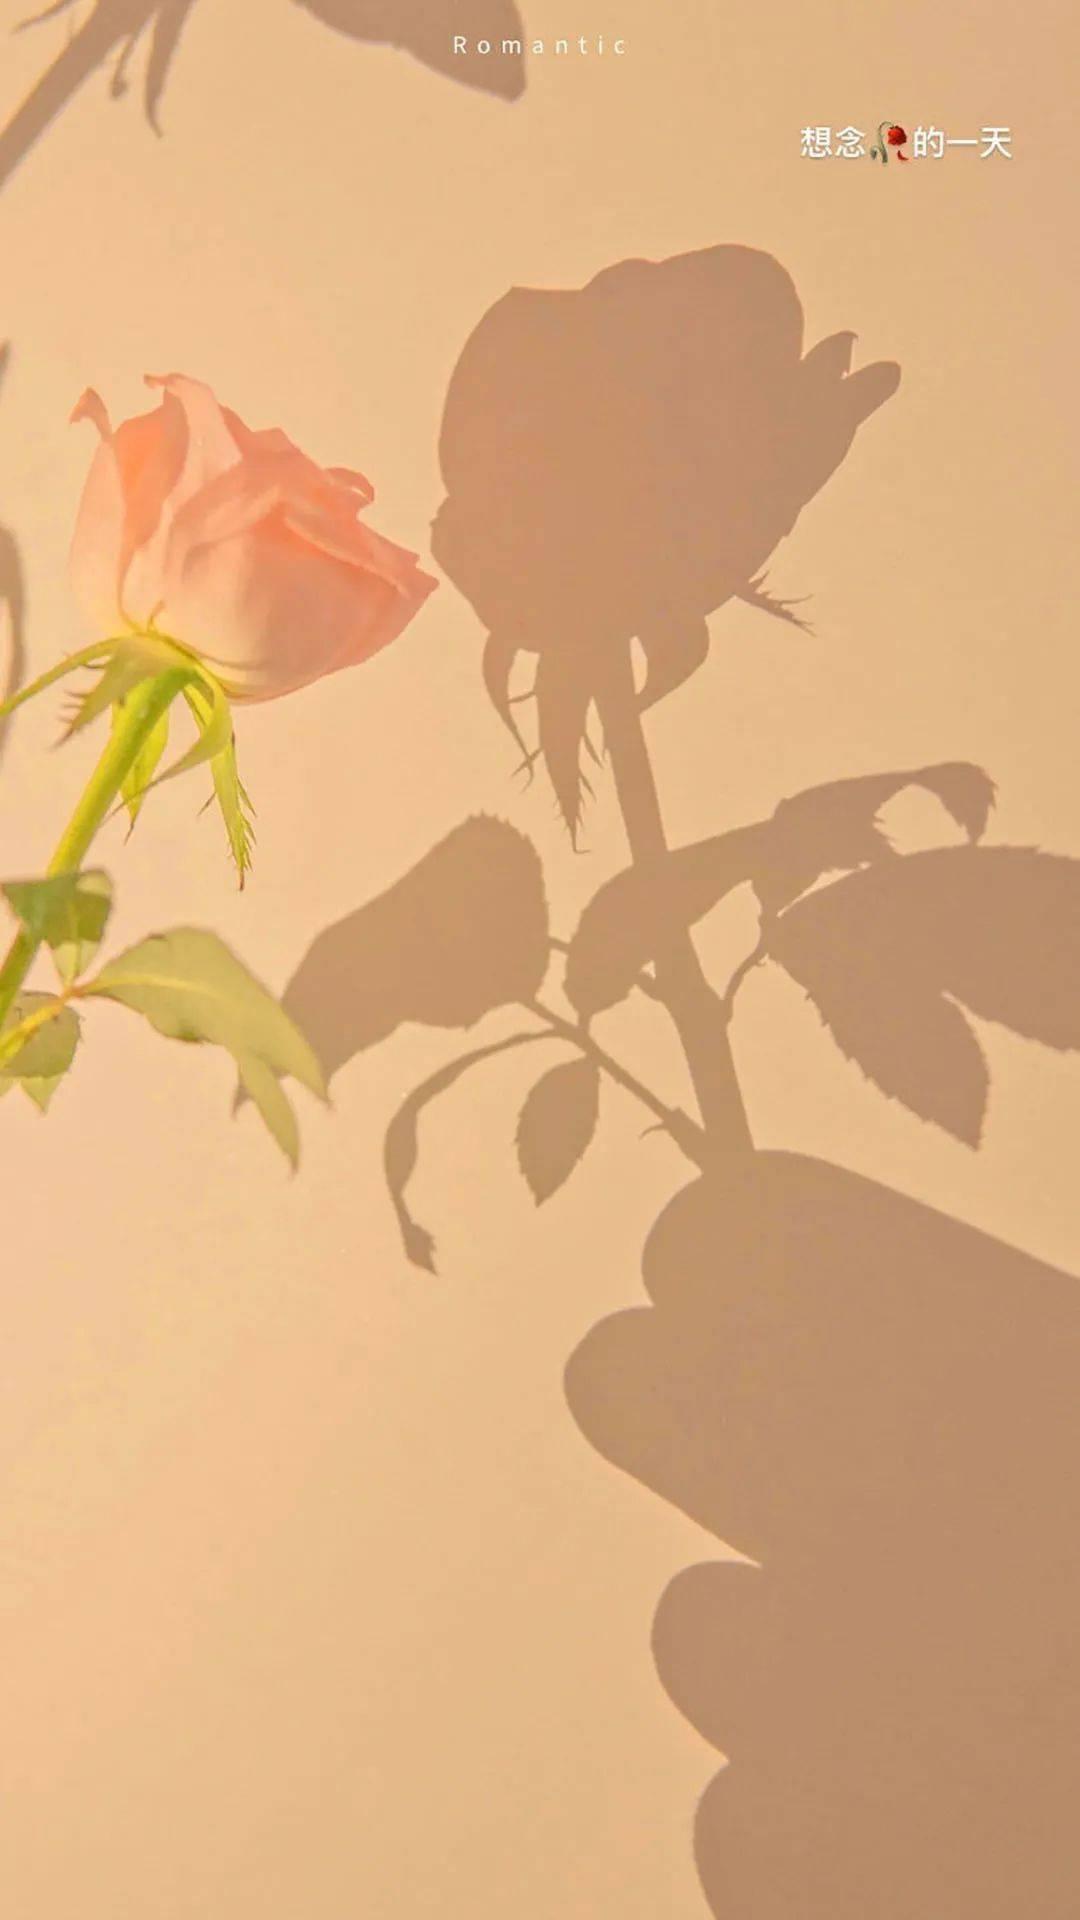 【壁纸】好像风够温柔, 阳光够暖和 ,一切都美, 和你一样